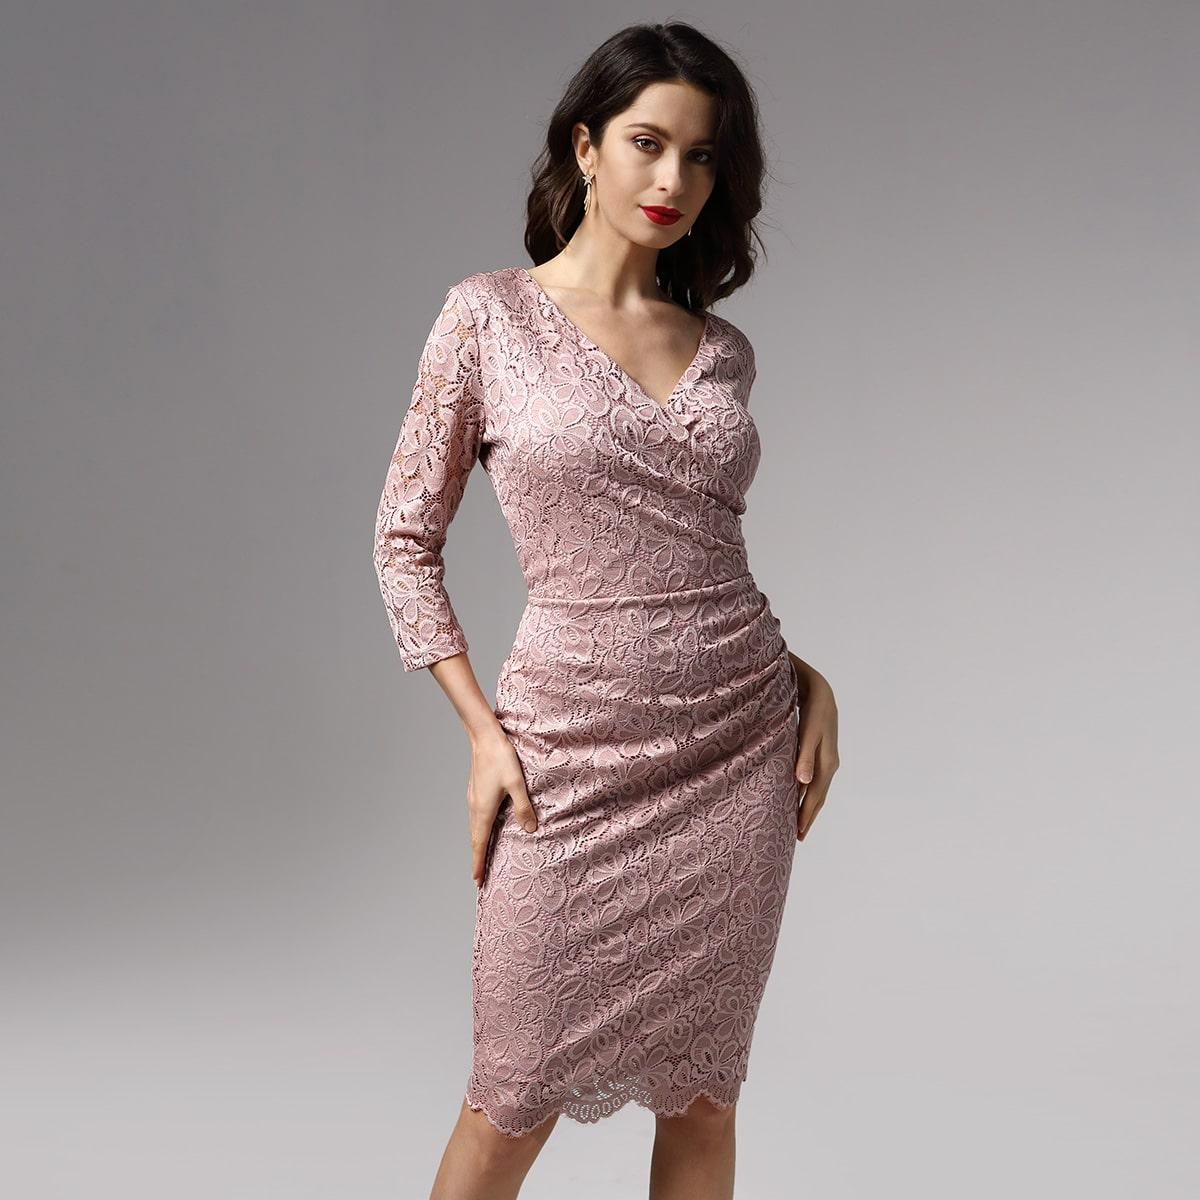 Кружевное платье для выпускного вечера от SHEIN